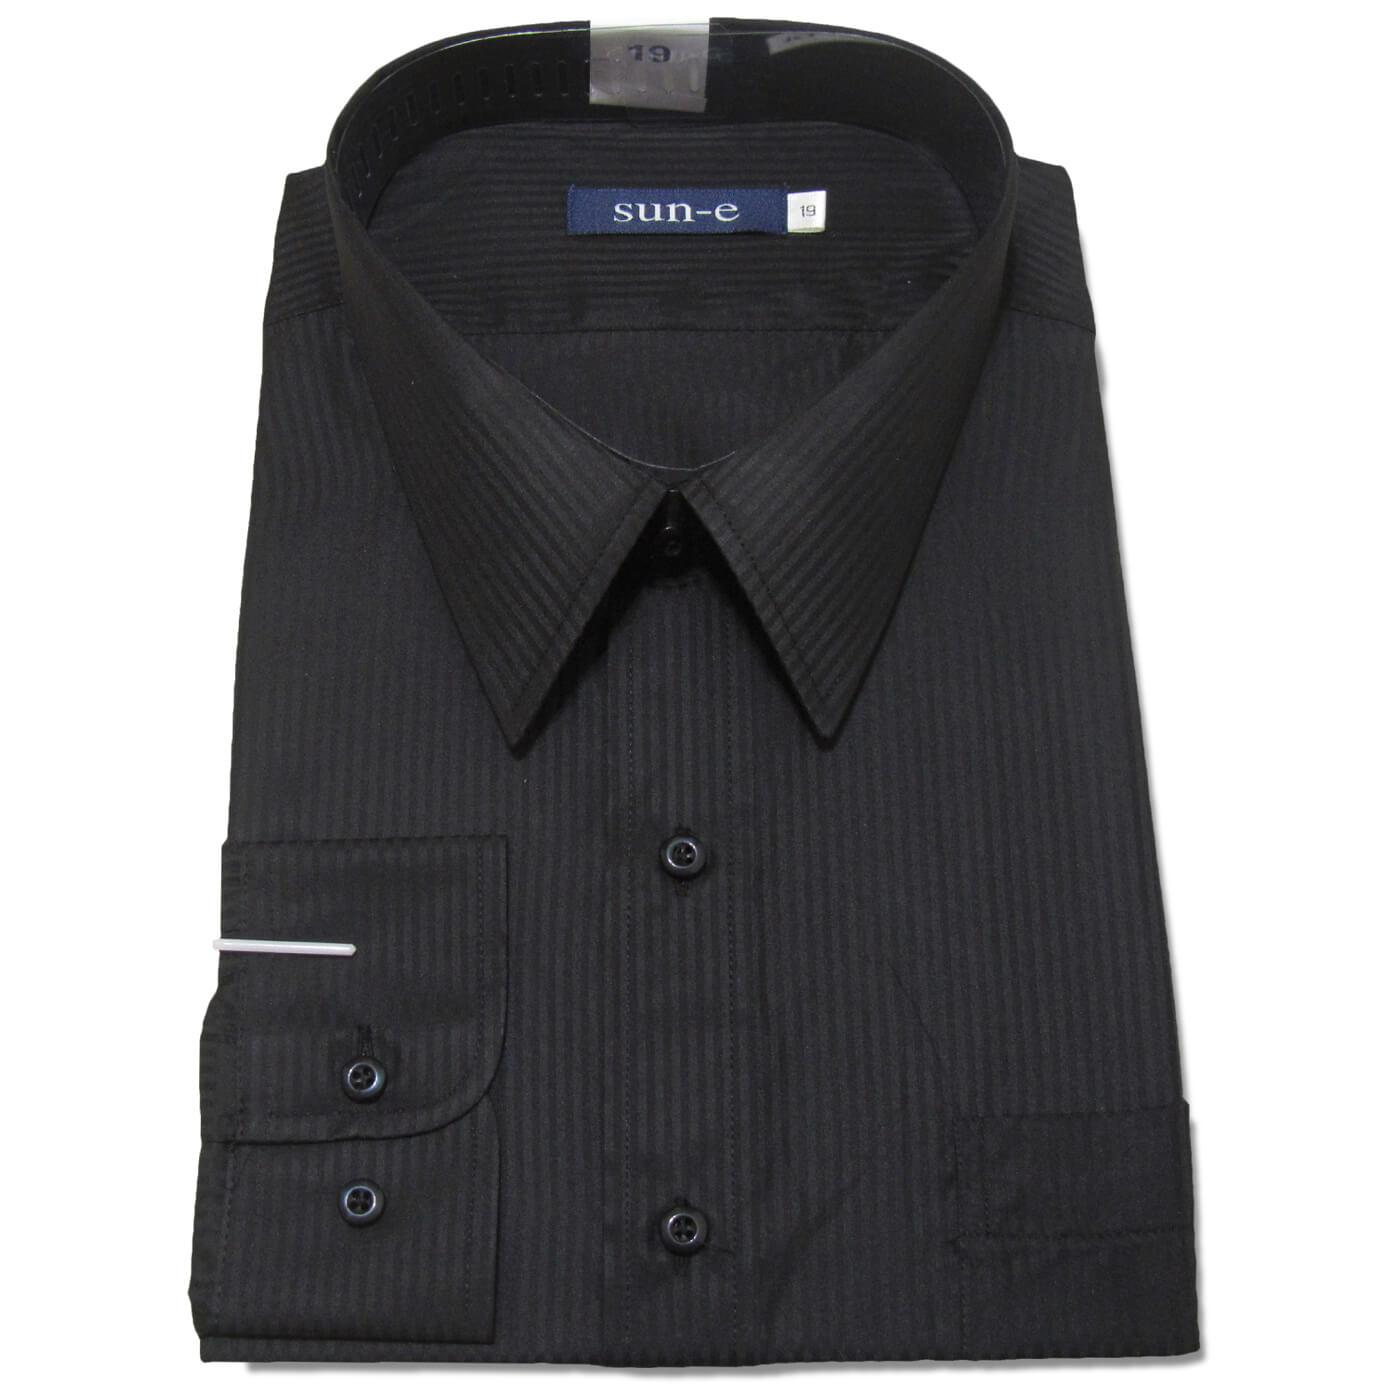 長袖條紋襯衫 標準襯衫 上班族襯衫 正式場合襯衫 商務襯衫 面試襯衫 柔棉舒適不皺免燙長袖襯衫 一般及加大尺碼襯衫 五種顏色可供選擇(335-701-01)白色襯衫、(335-703-09)淺藍色襯衫、(335-707-22)灰色襯衫、(335-710-14)淺黃色襯衫、(335-711-21)黑色襯衫 [實體店面保障] sun-e 5